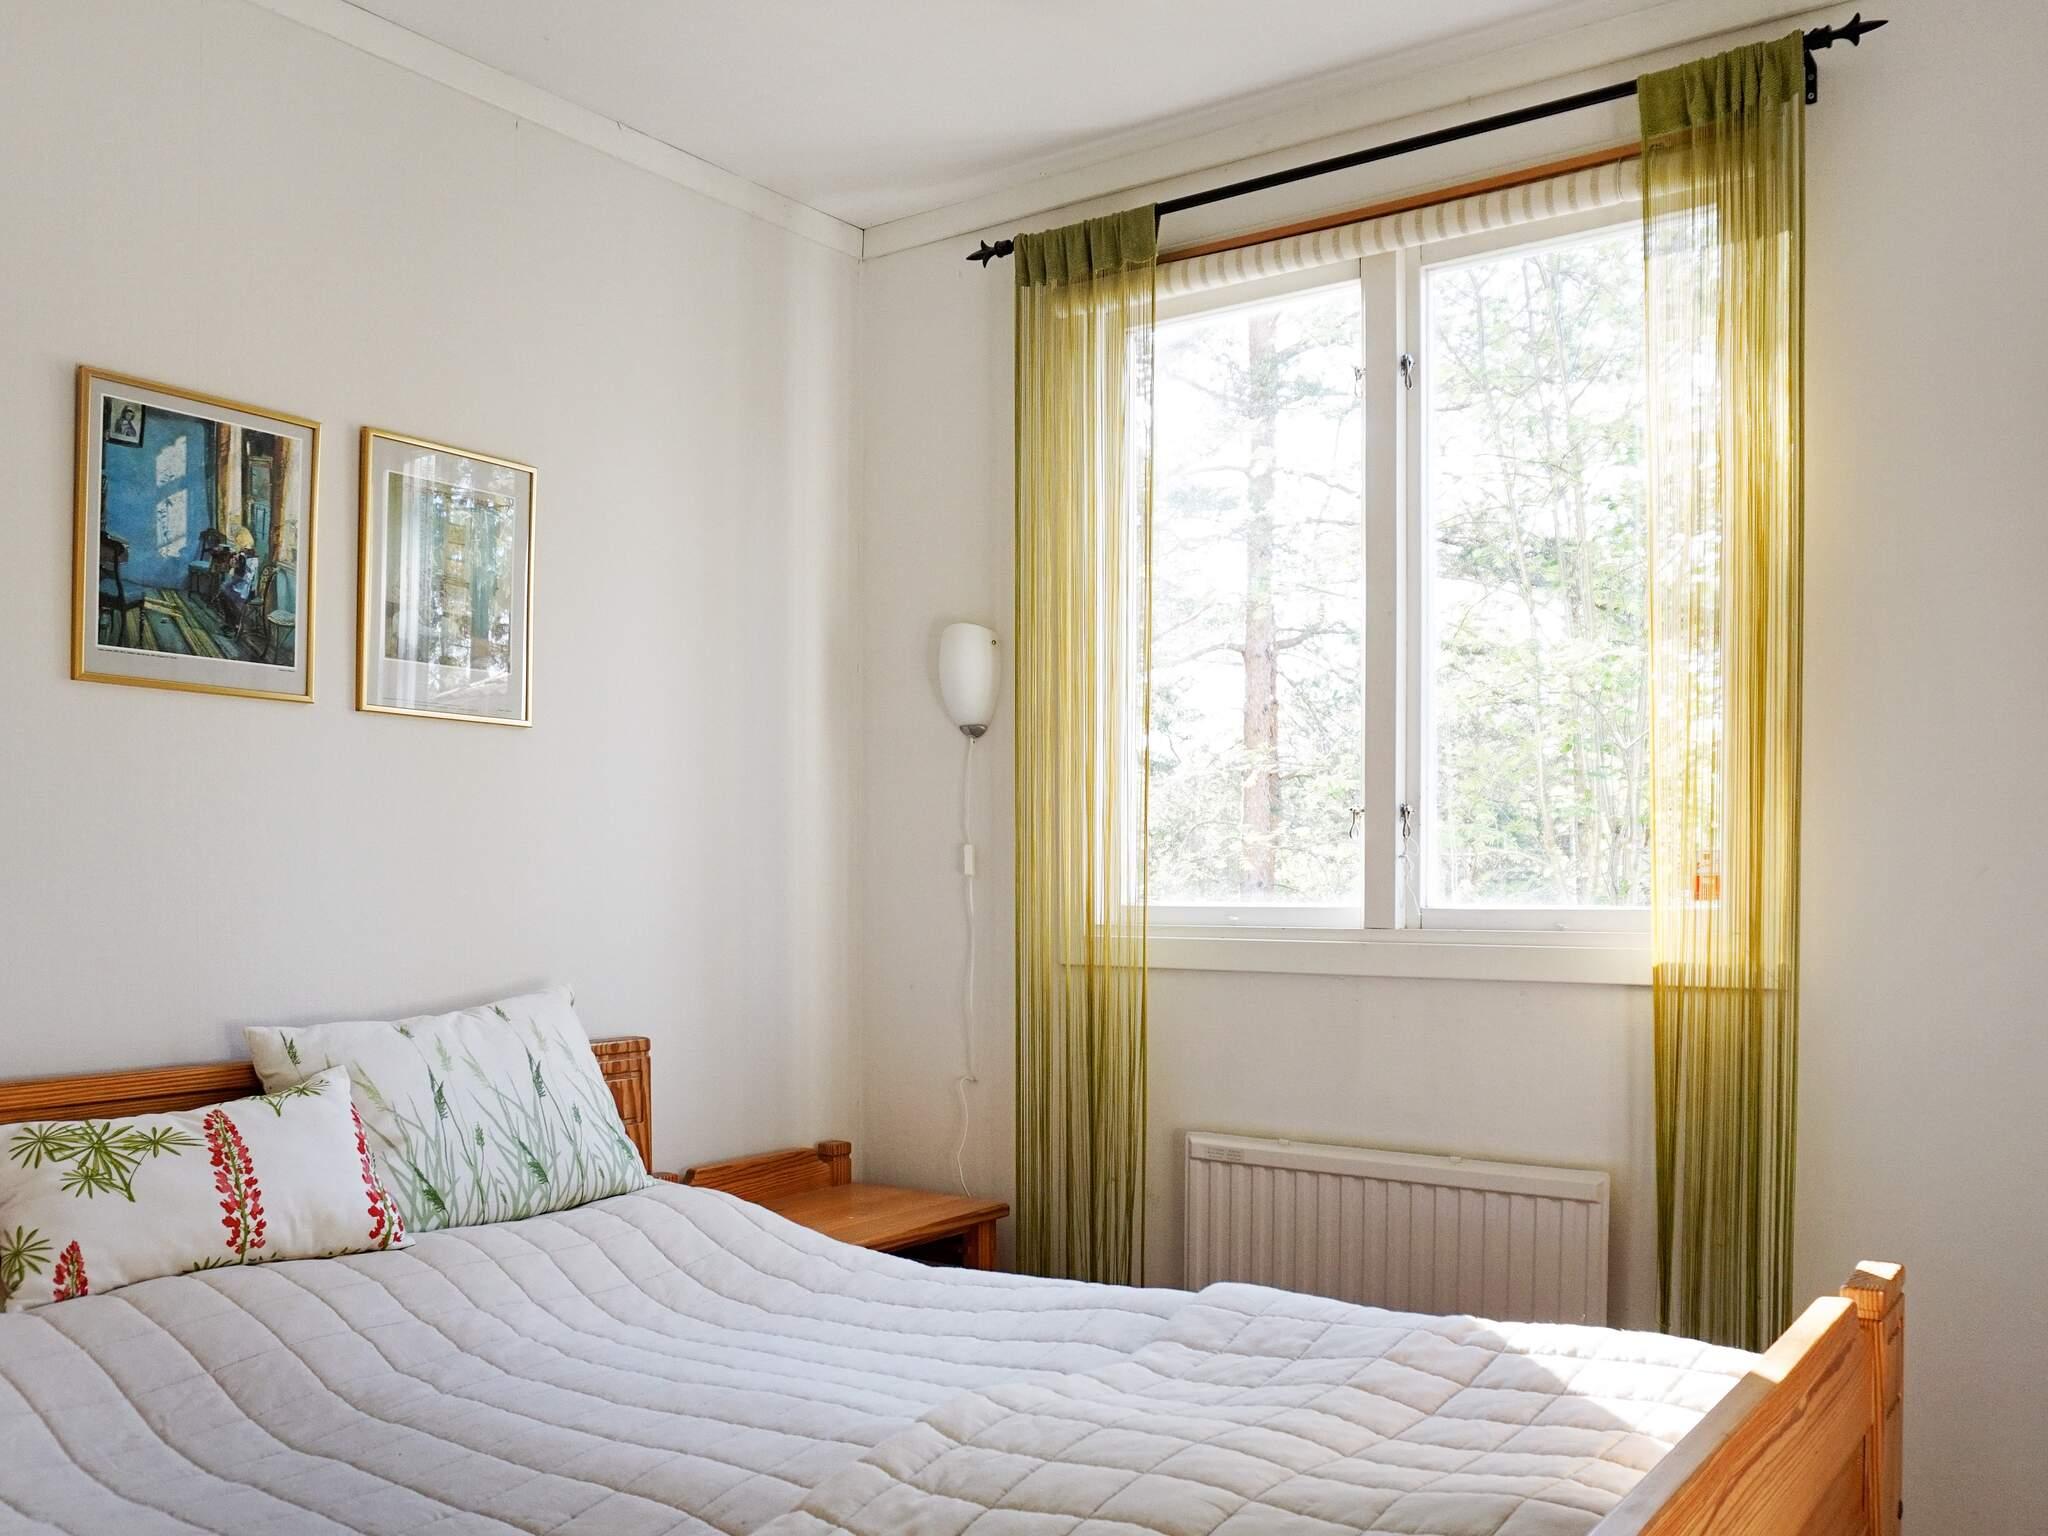 Ferienhaus Raftötången (2617885), Tanumshede, Västra Götaland län, Westschweden, Schweden, Bild 8